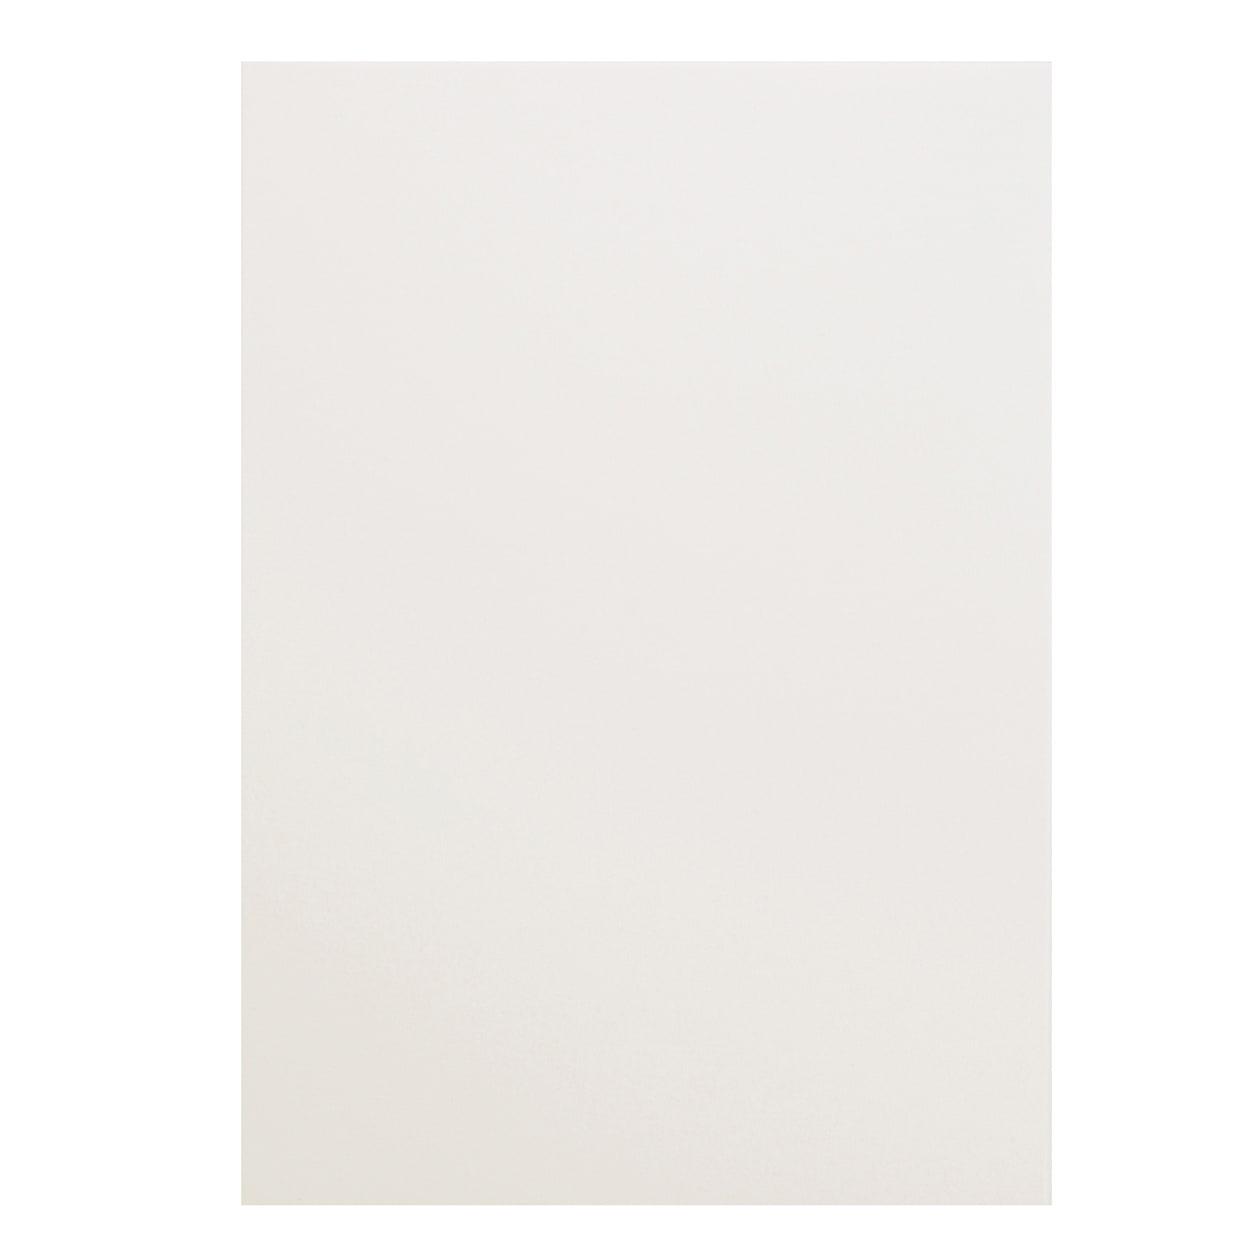 サンプル カード・シート 00243